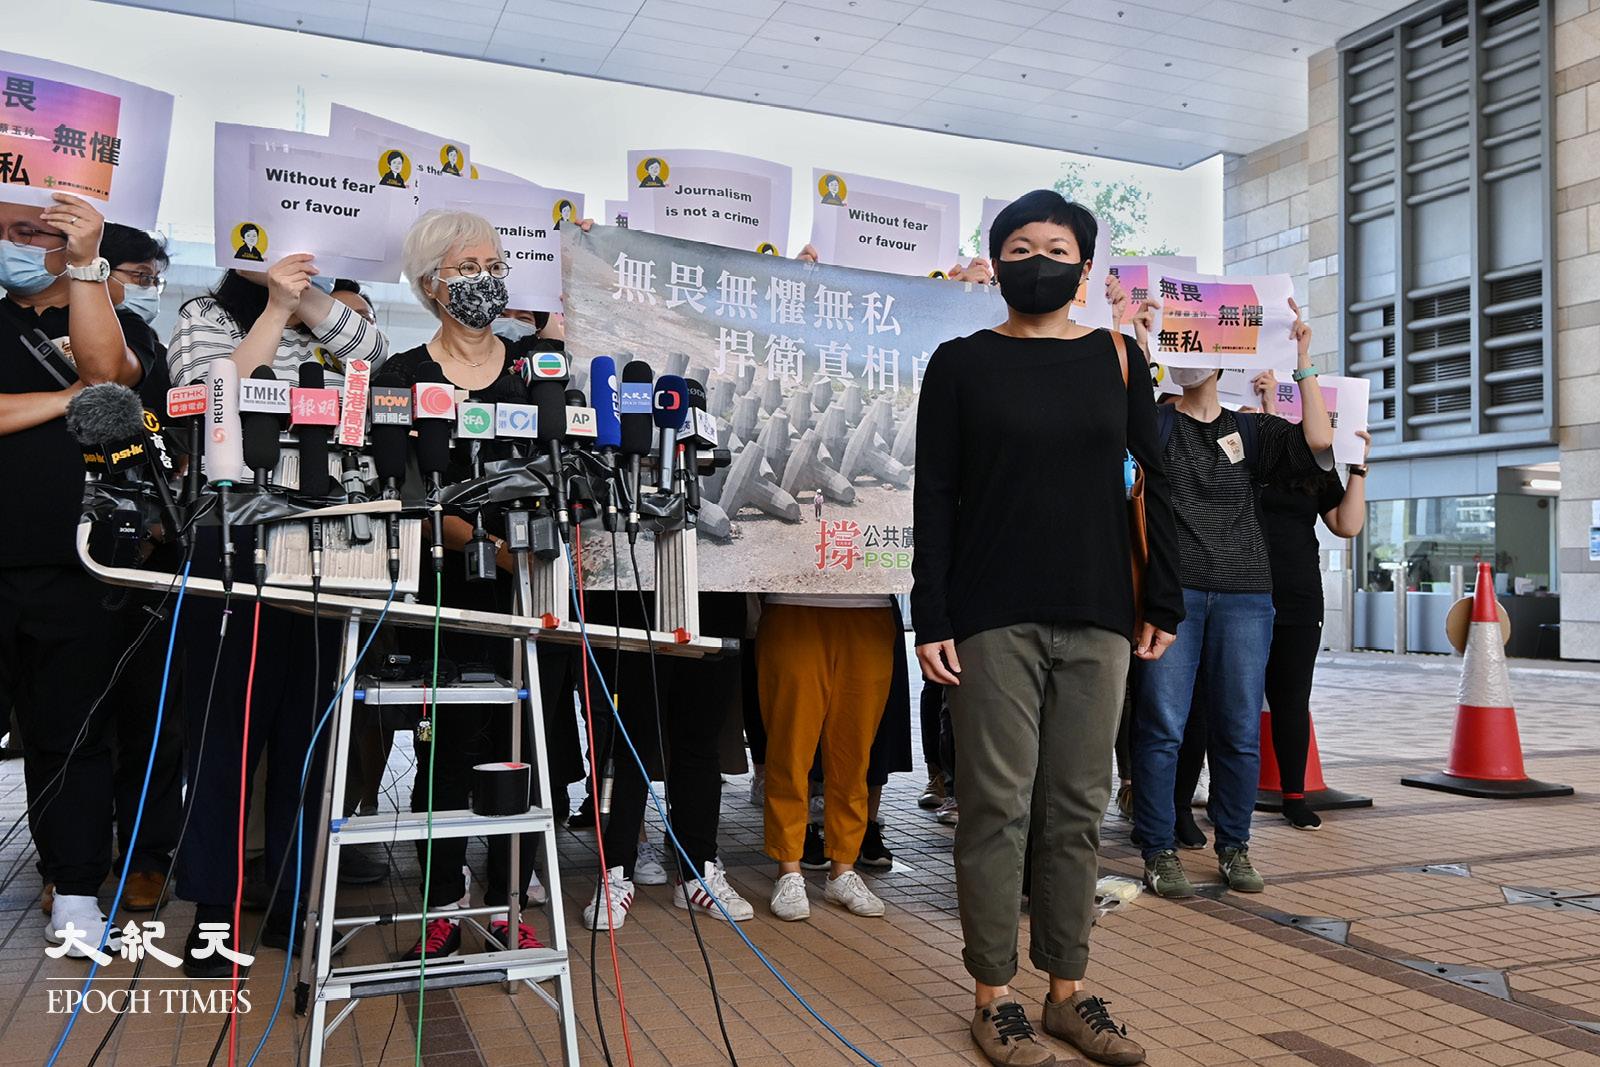 4月22日下午近2時,港台編導蔡玉玲到達西九龍裁判法院,港台節目製作人員工會成員等數十人到法院聲援。(宋碧龍/大紀元)